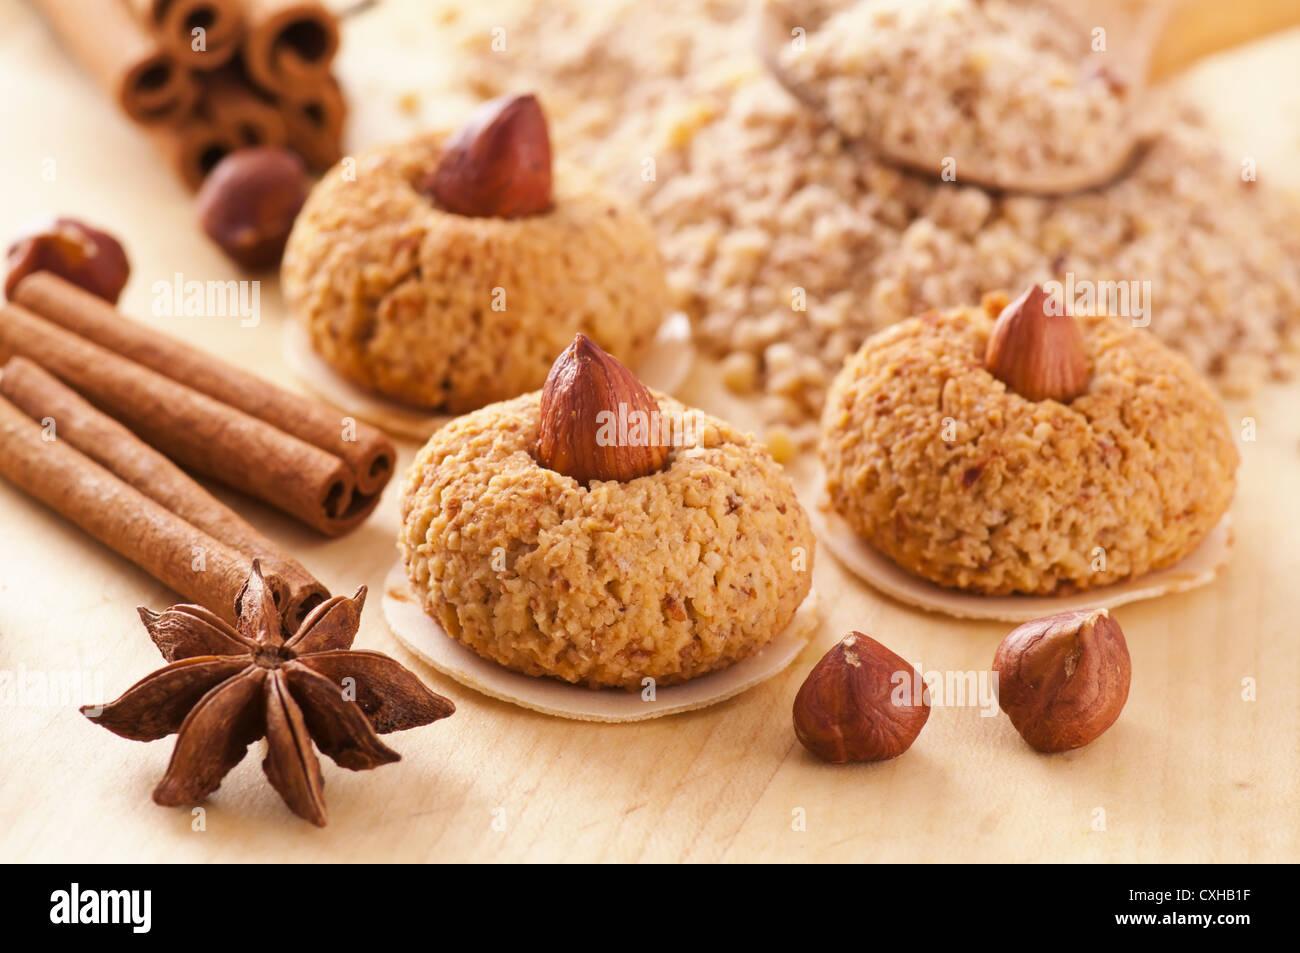 Weihnachtsplätzchen Zutaten.Weihnachtsplätzchen Mit Zutaten Stockfoto Bild 50783643 Alamy